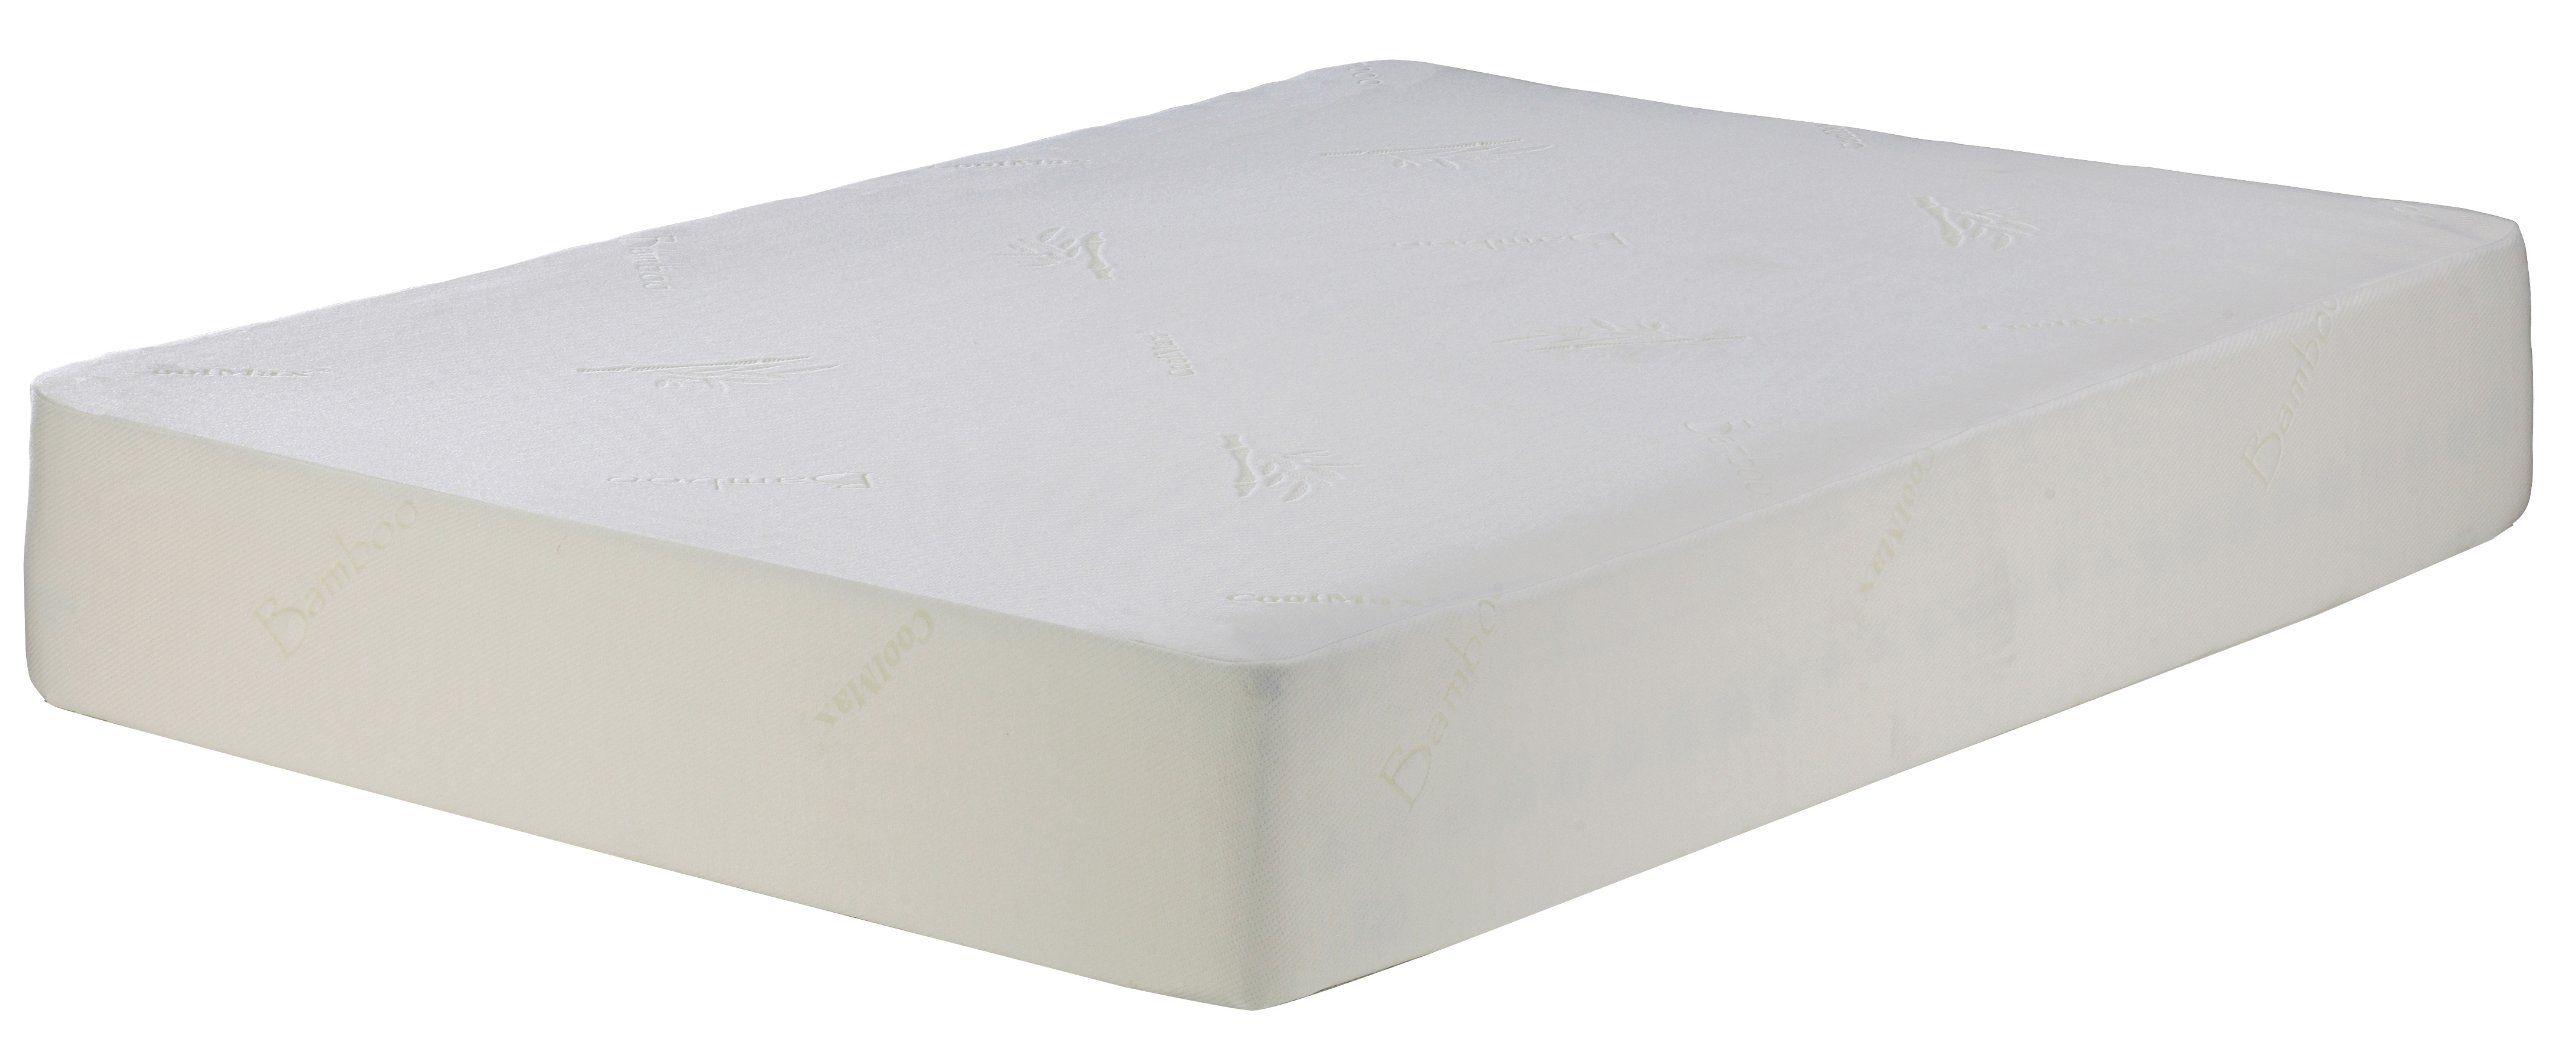 flex form ii latex foam mattress california king